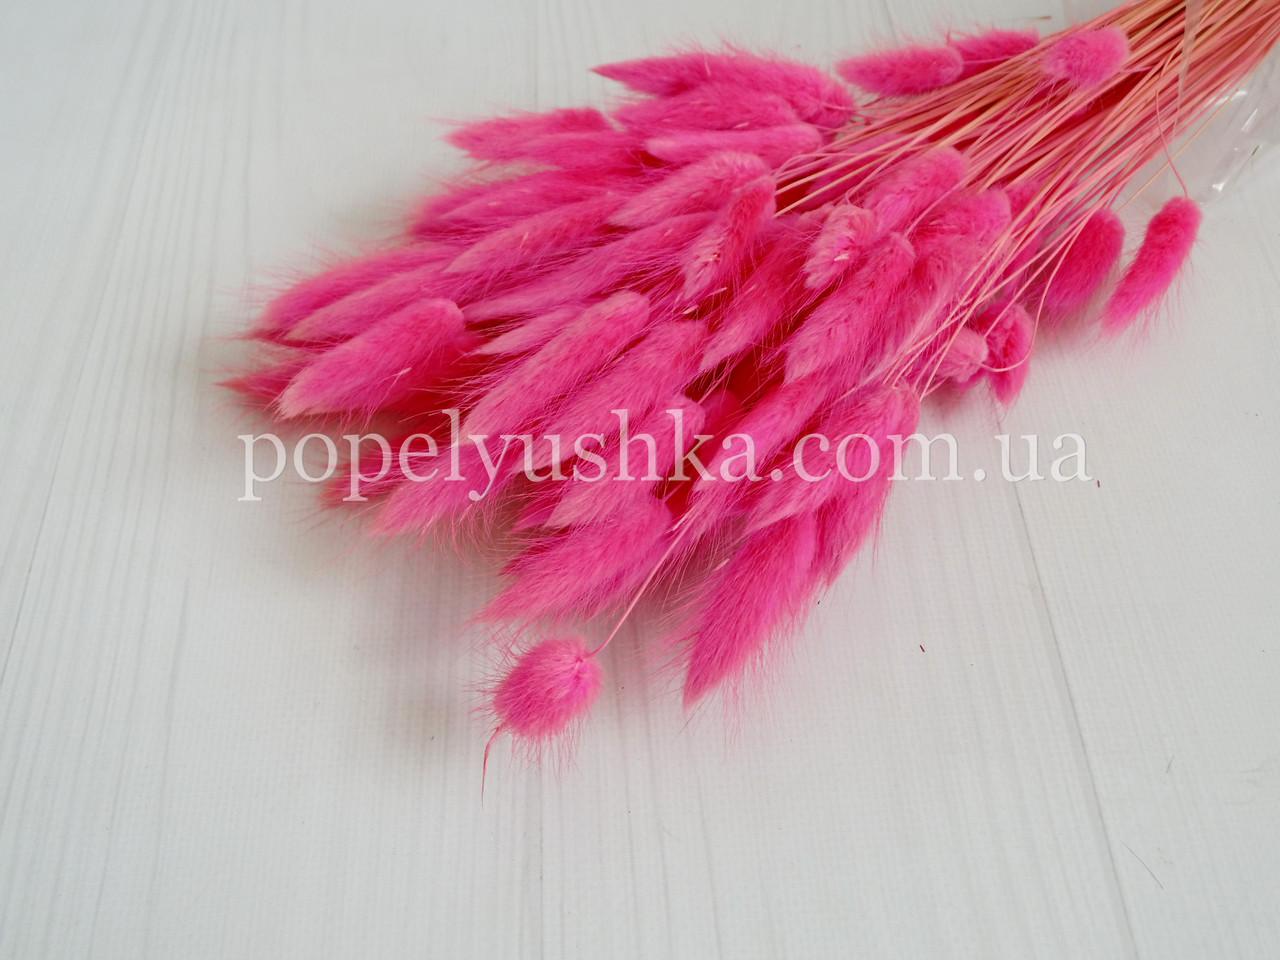 Лагурус натуральний яскраво-рожевий